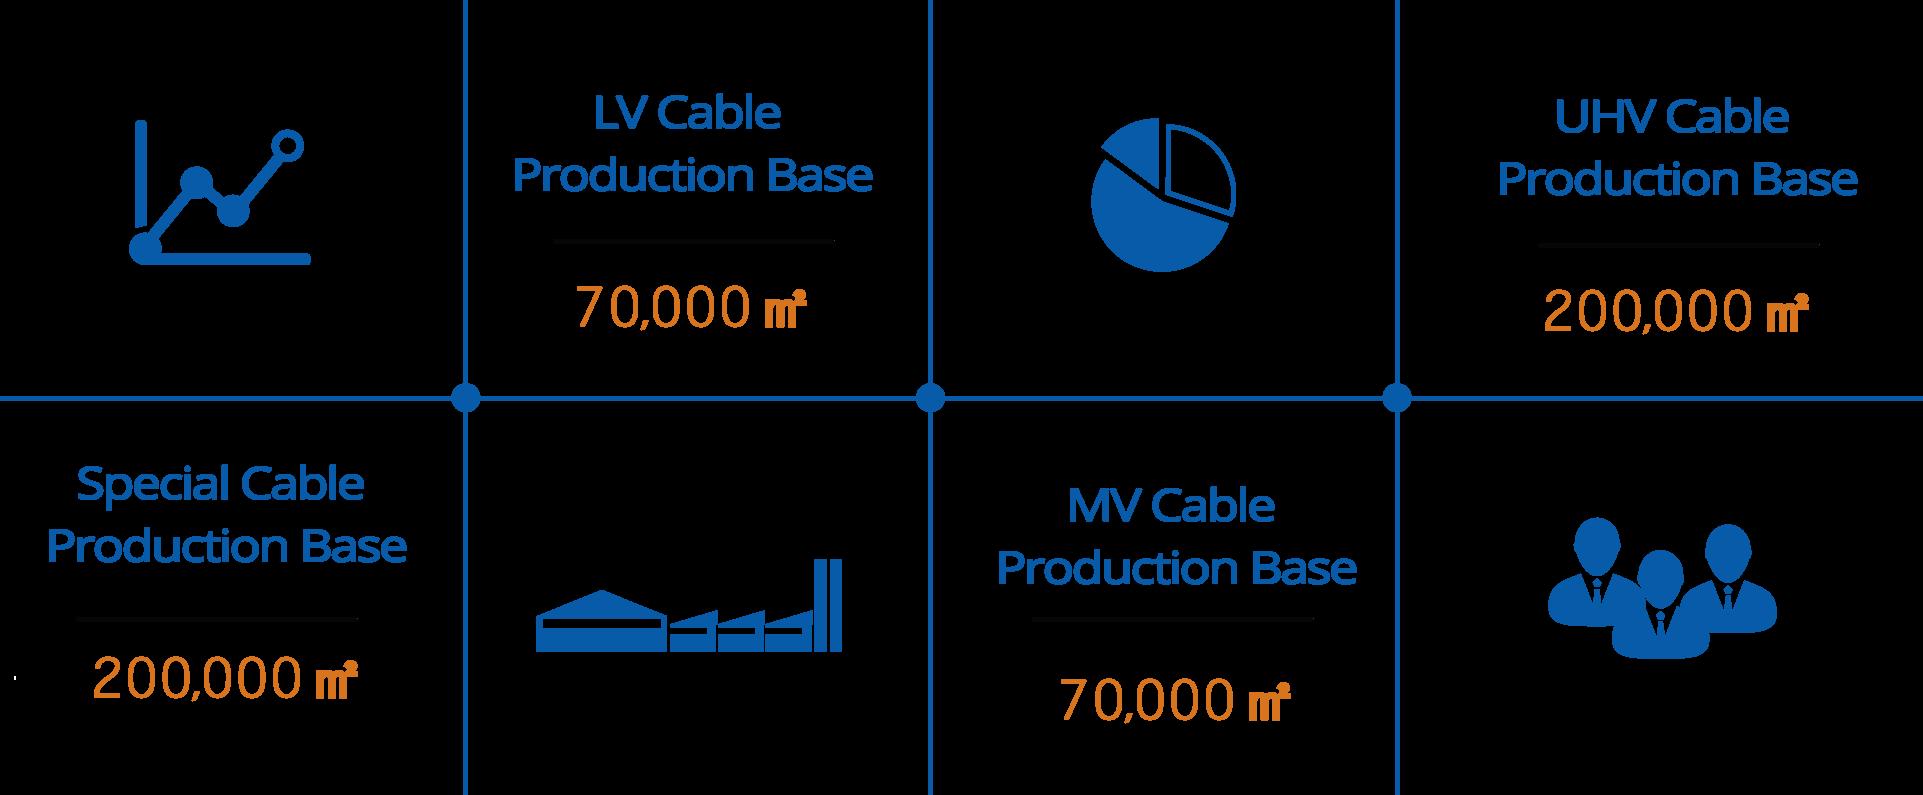 11kv-xlpe-cable Description